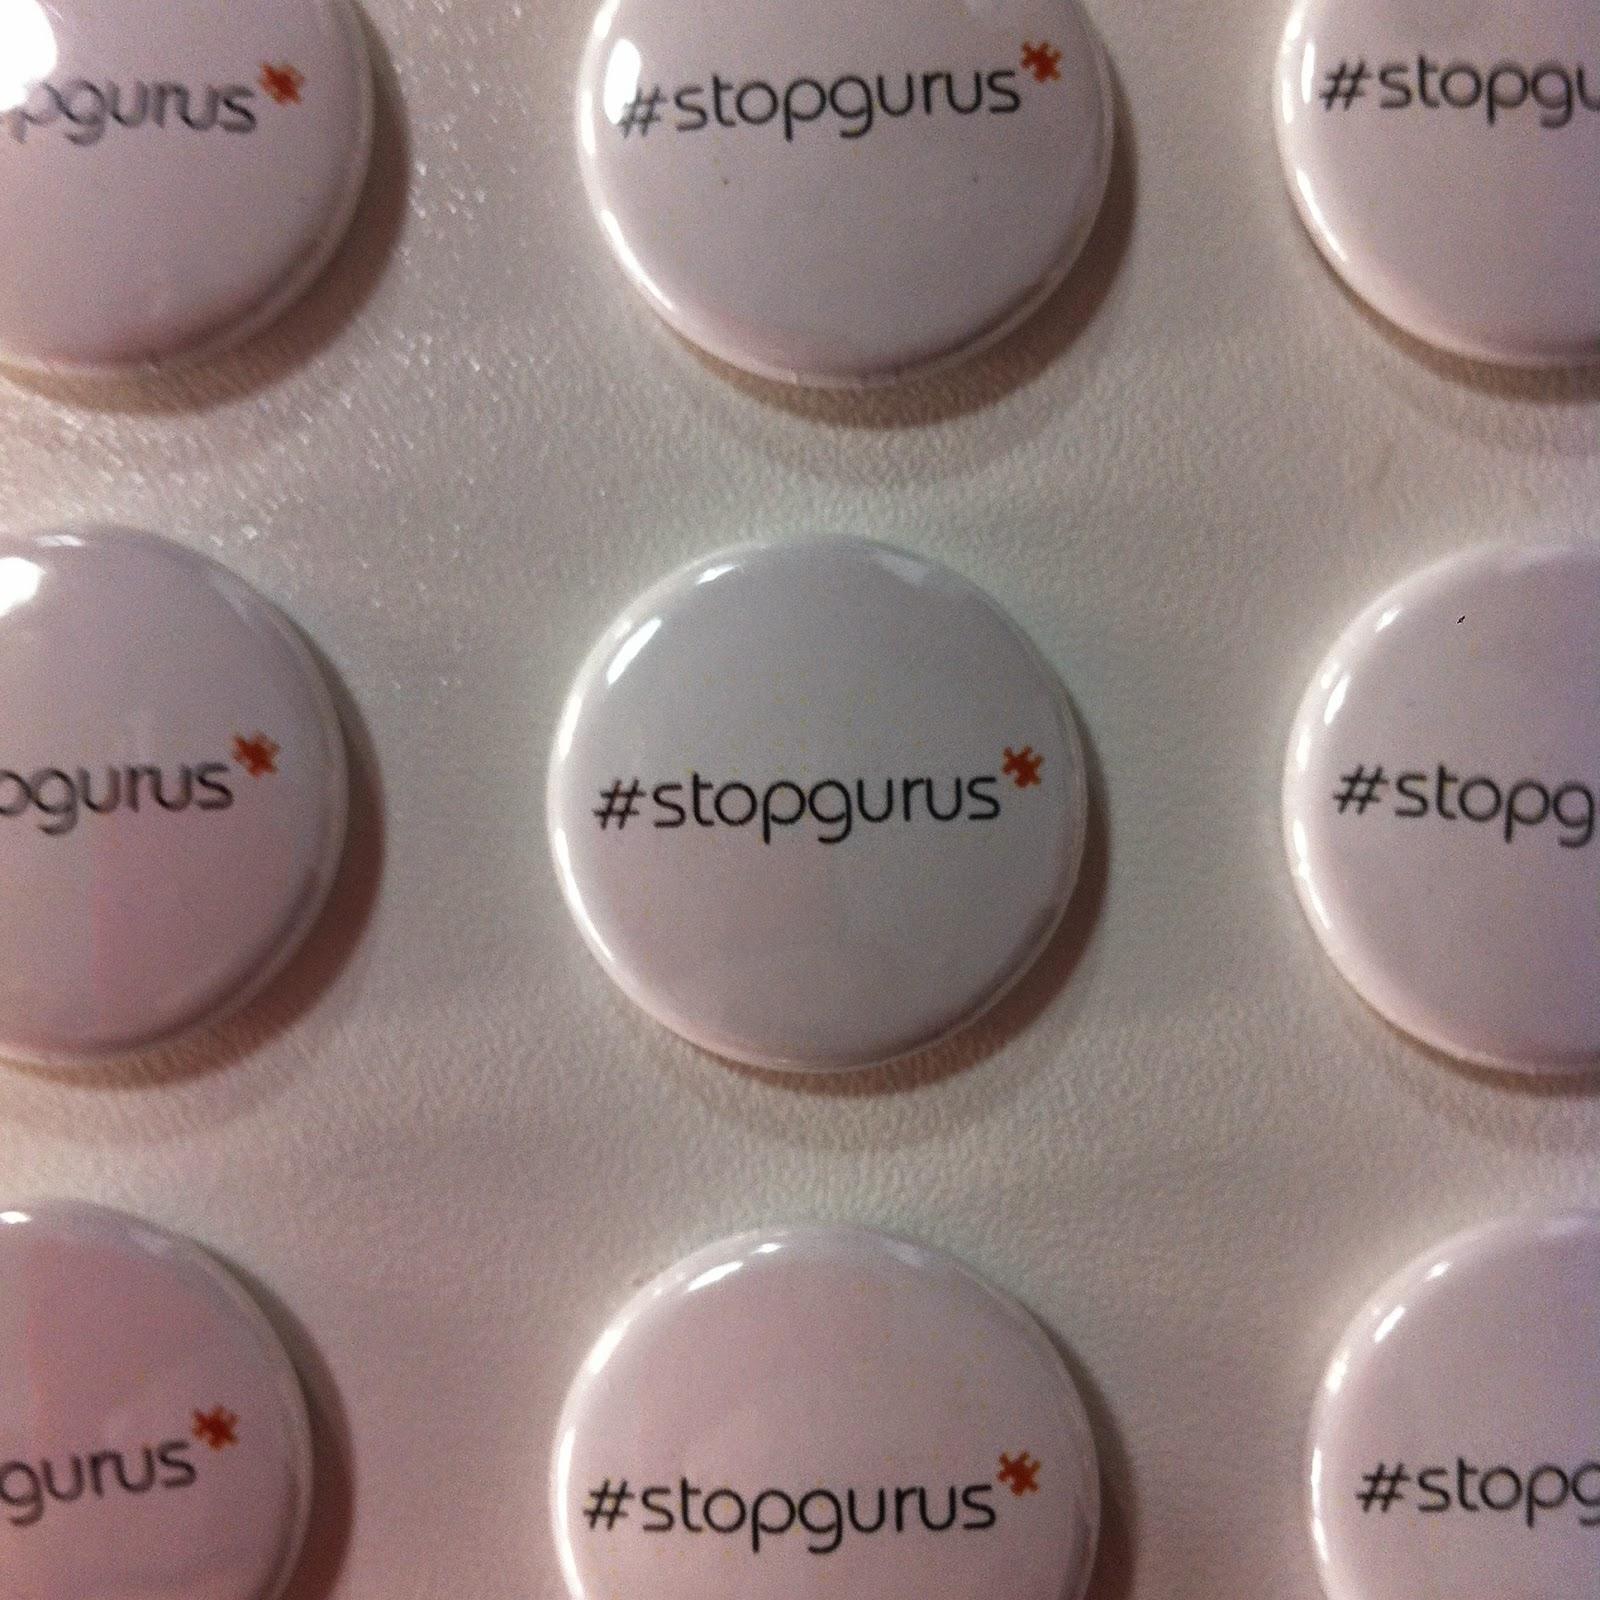 #stopgurus